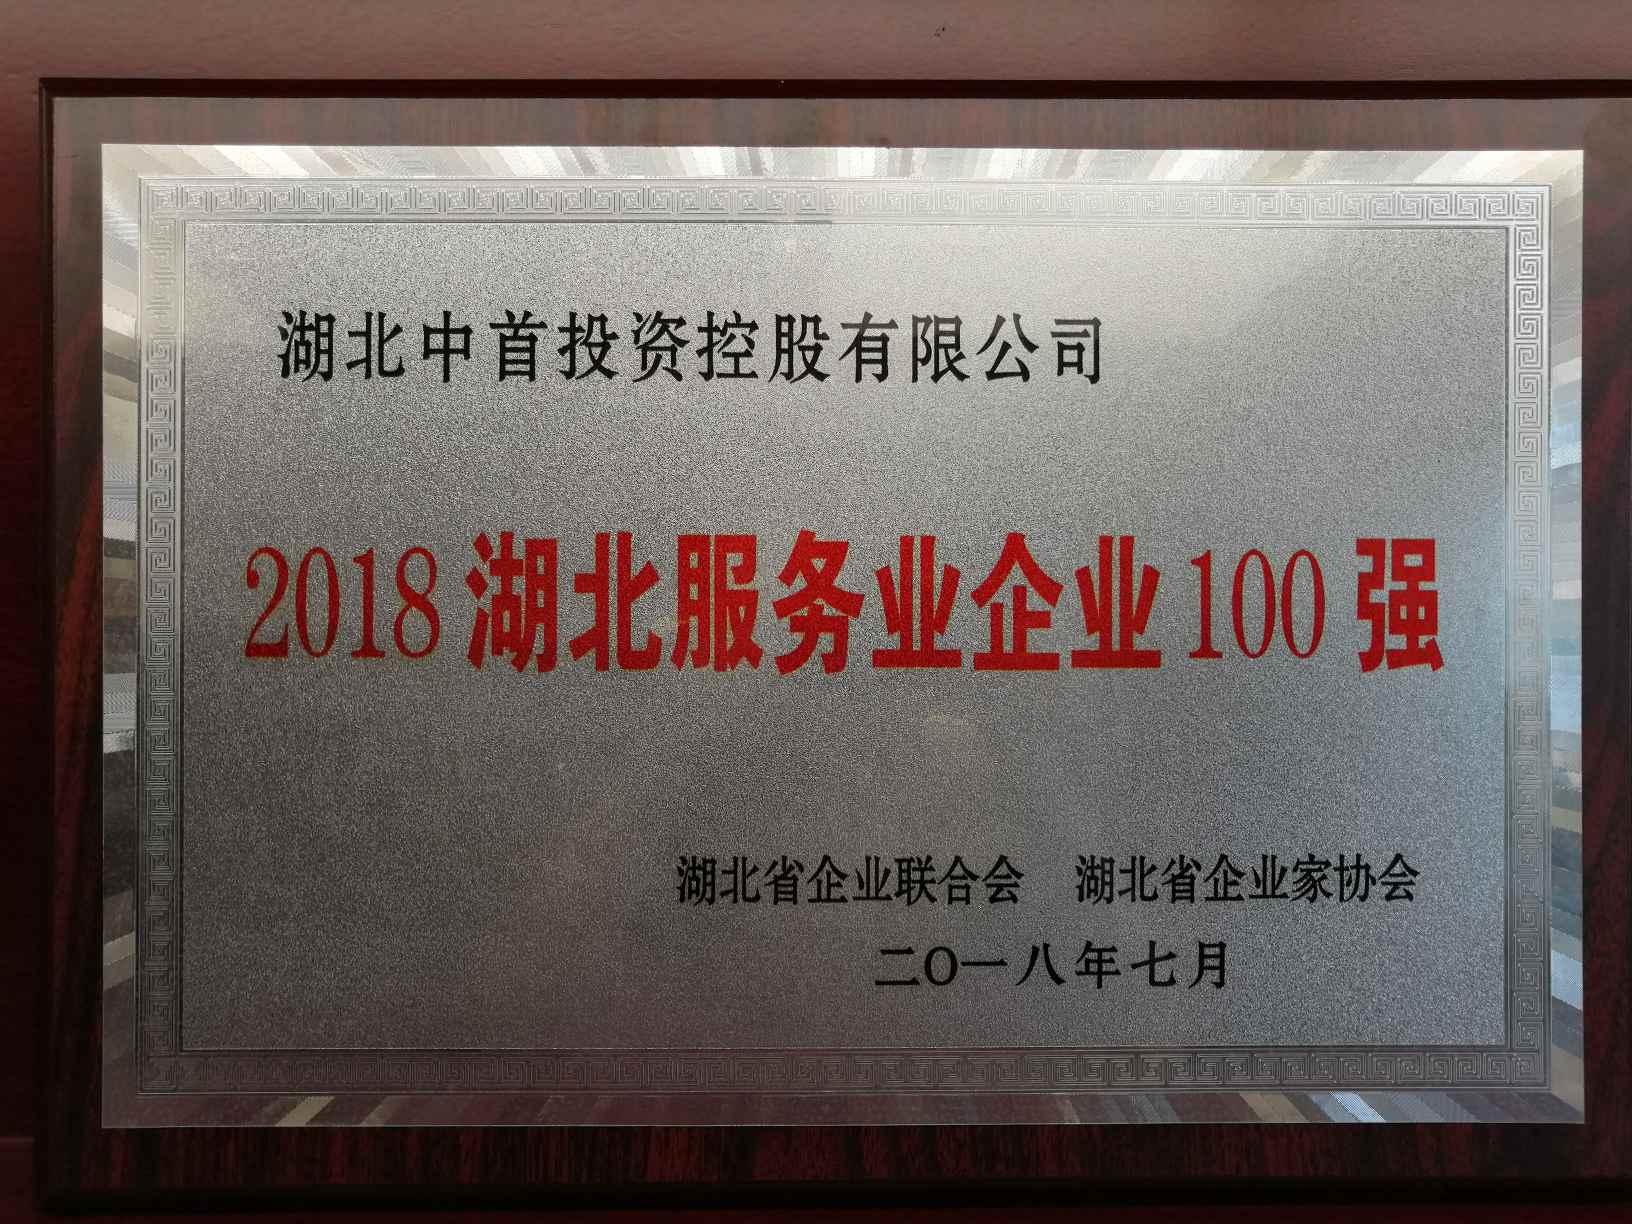 热烈祝贺天天彩票app下载安装控股荣获2018年度多项荣誉称号